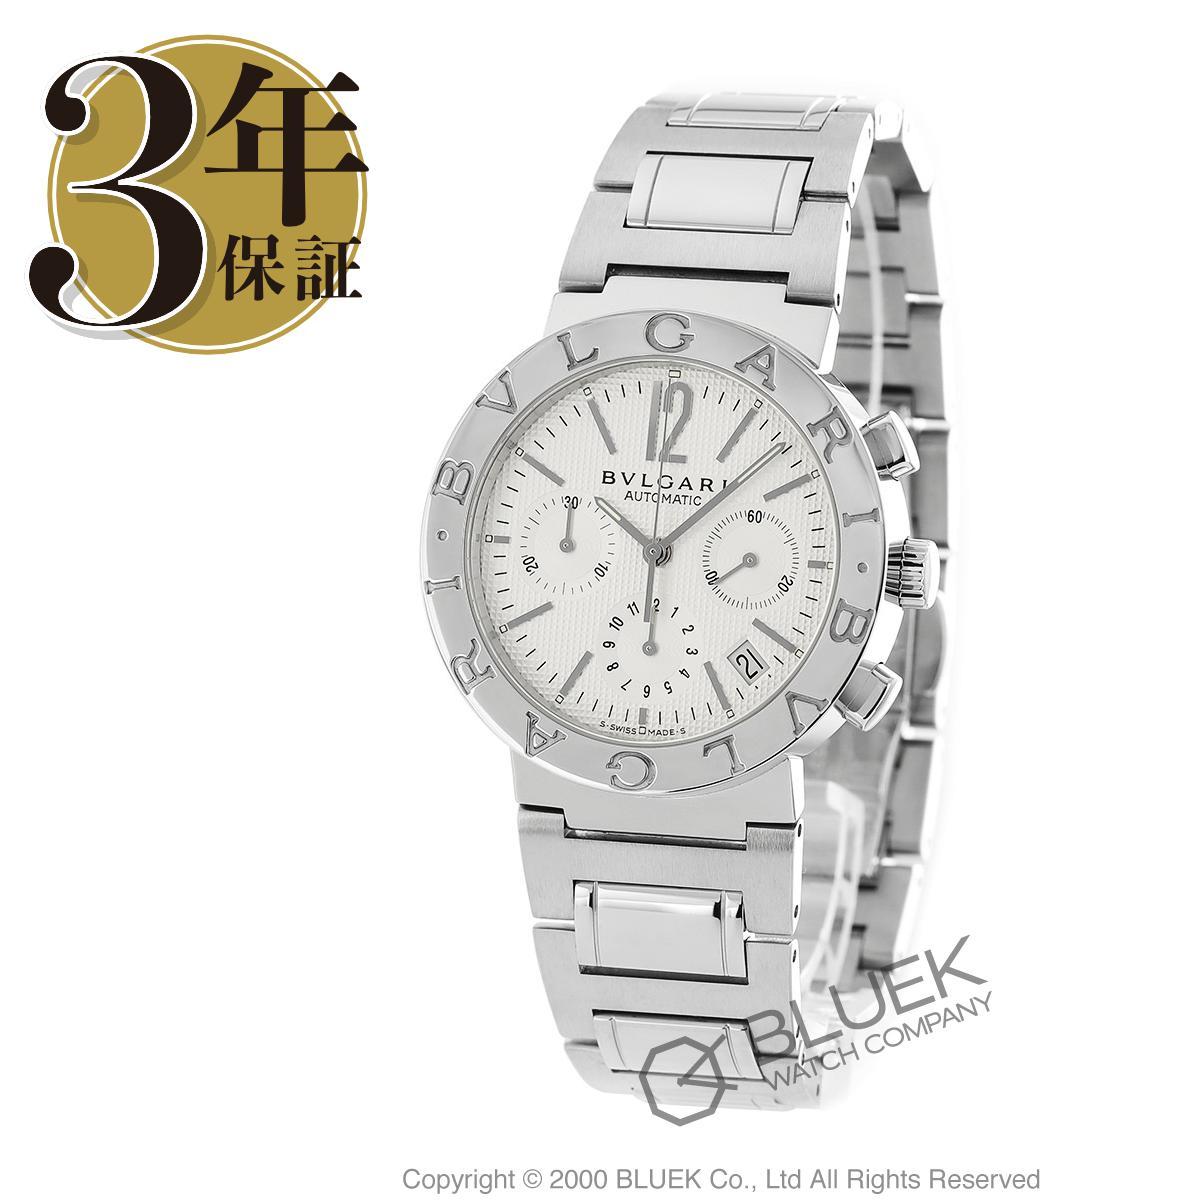 【15,000円OFFクーポン対象】ブルガリ ブルガリブルガリ クロノグラフ 腕時計 メンズ BVLGARI BB38WSSDCH_8